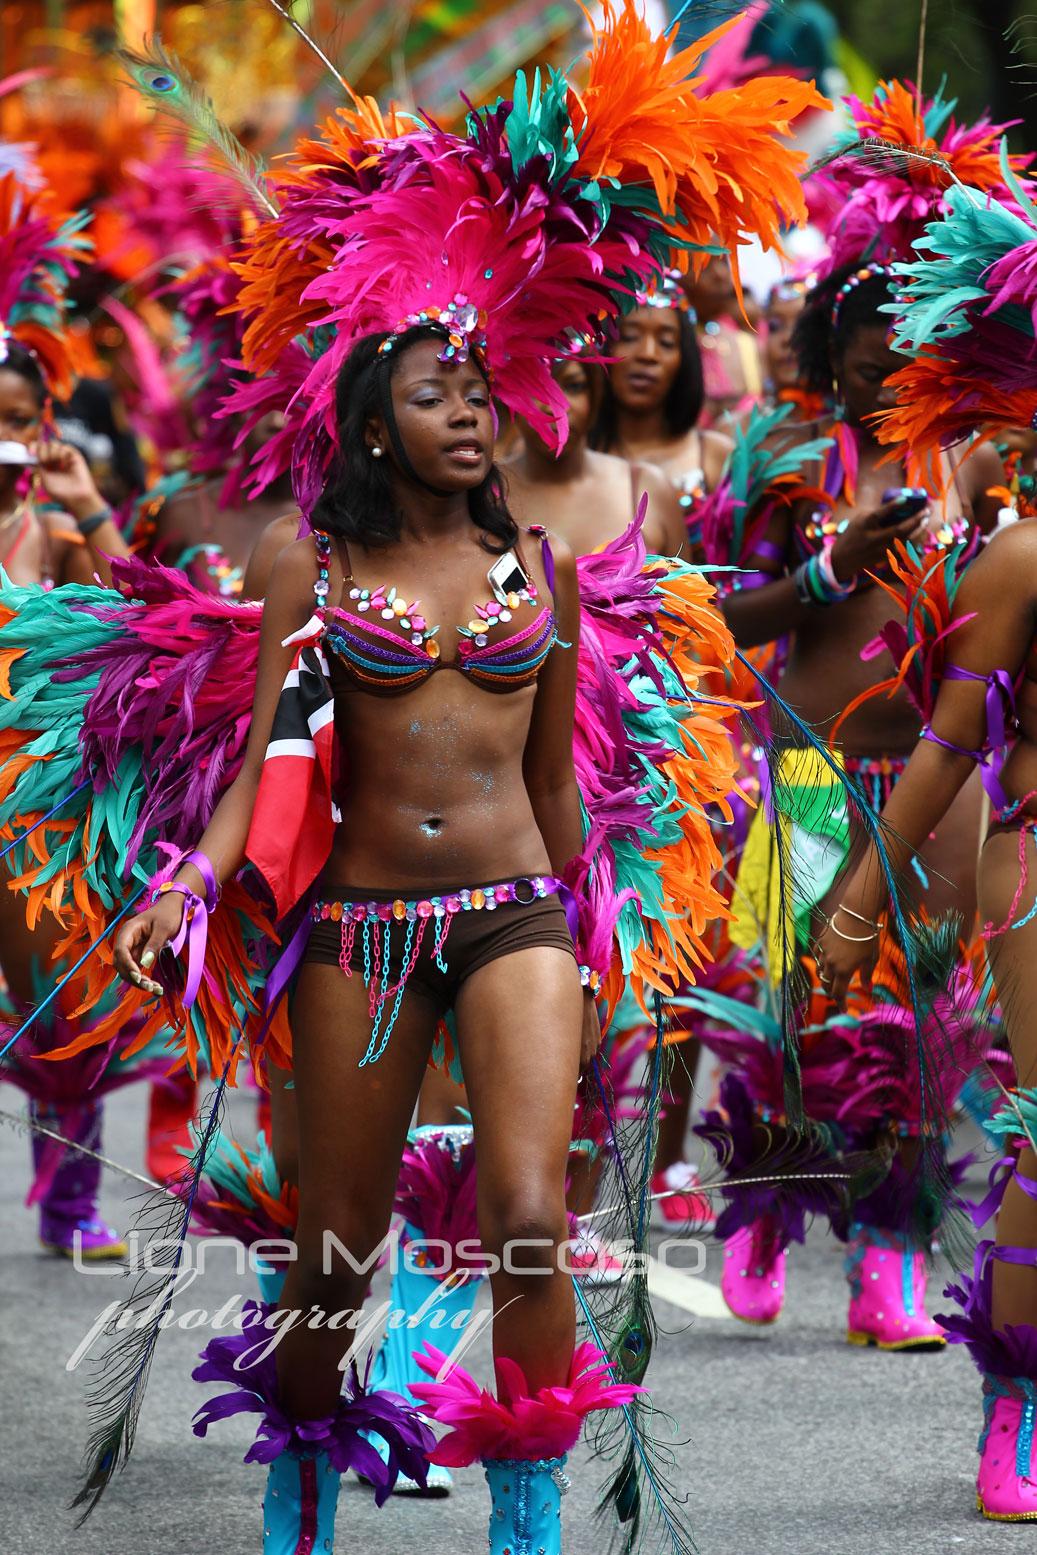 Mujeres solteras ibarra Martinique prostitutas en Formentera-16451